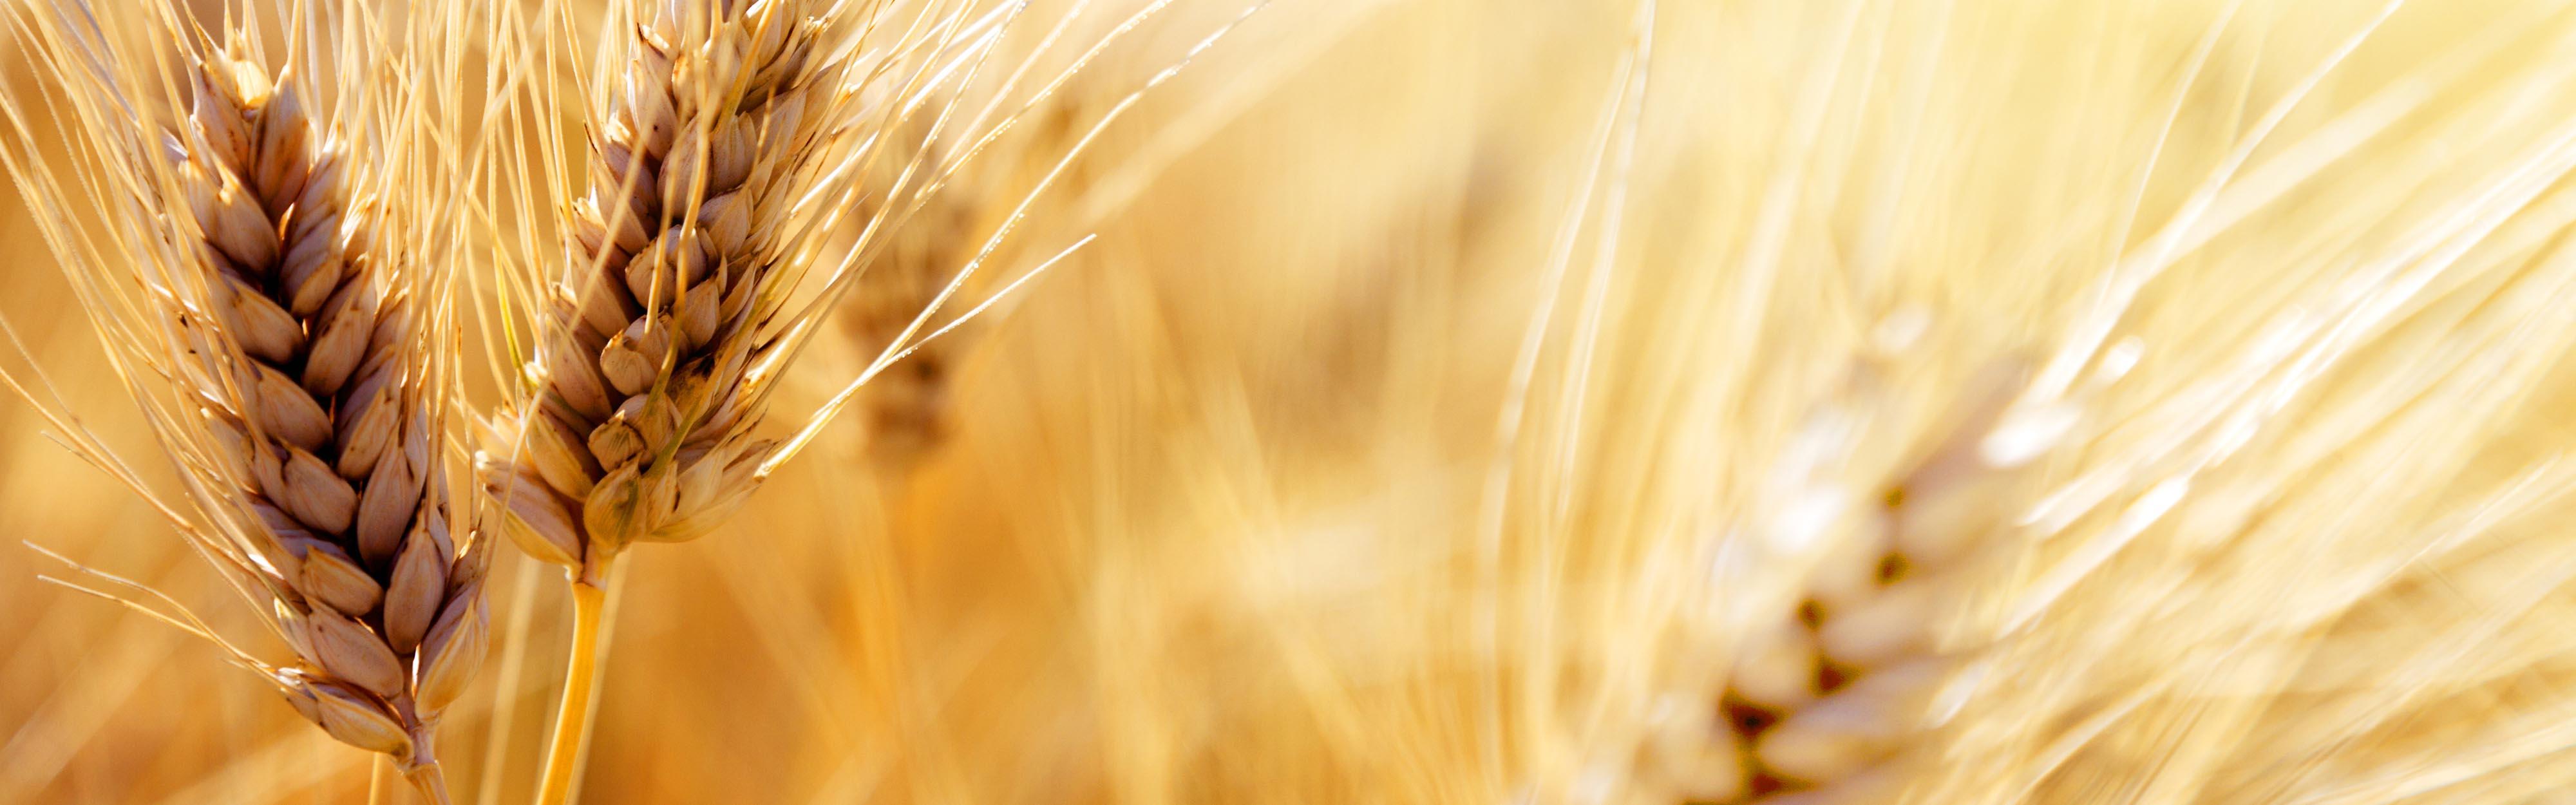 Il meglio del sole, del grano, della terra.